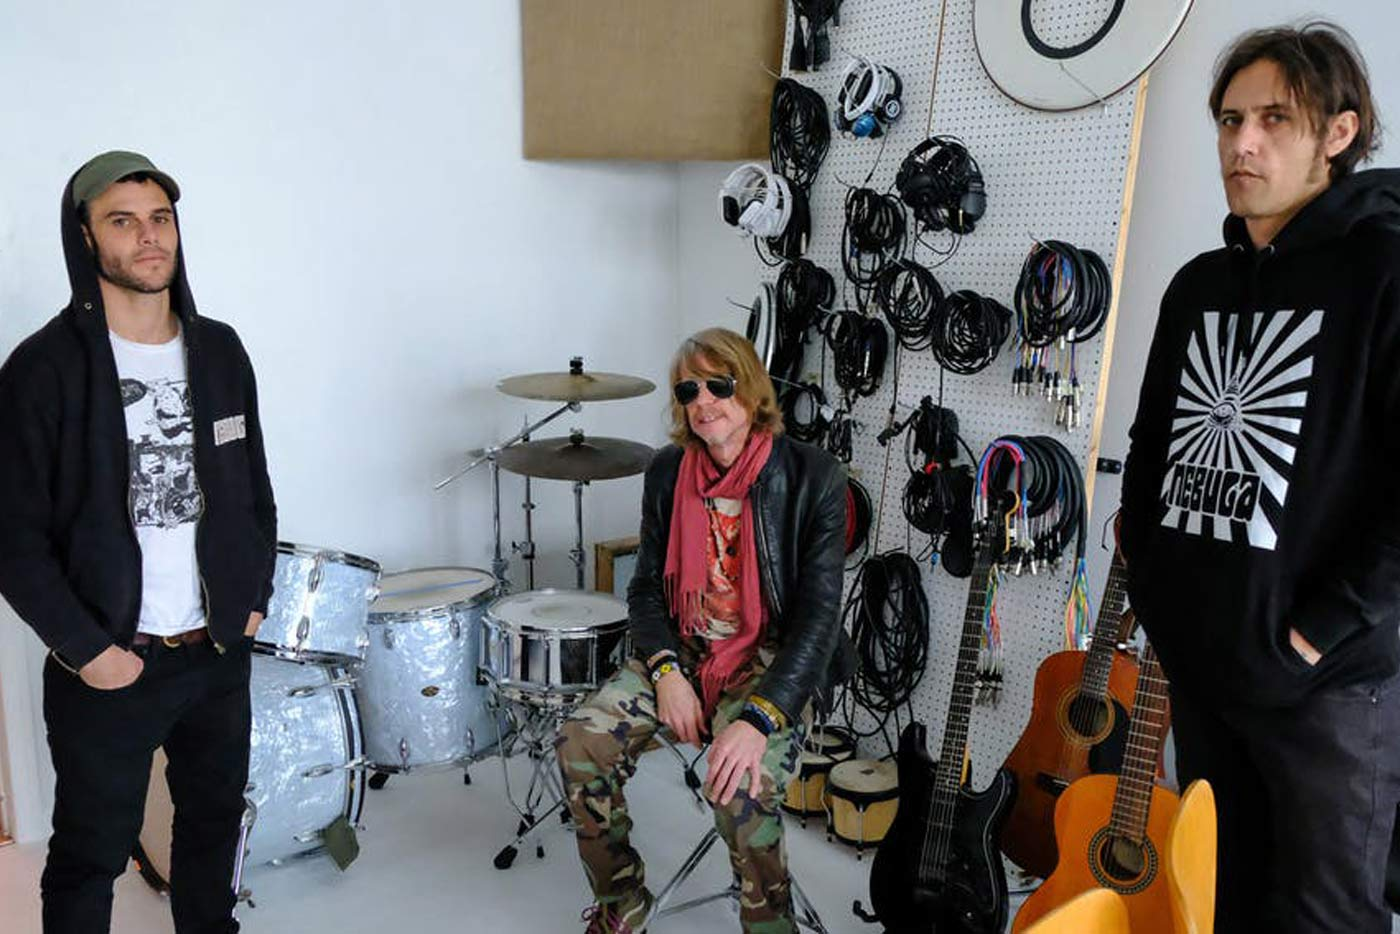 Nebula presentan su nuevo disco en Barcelona, Madrid y Vitoria-Gasteiz